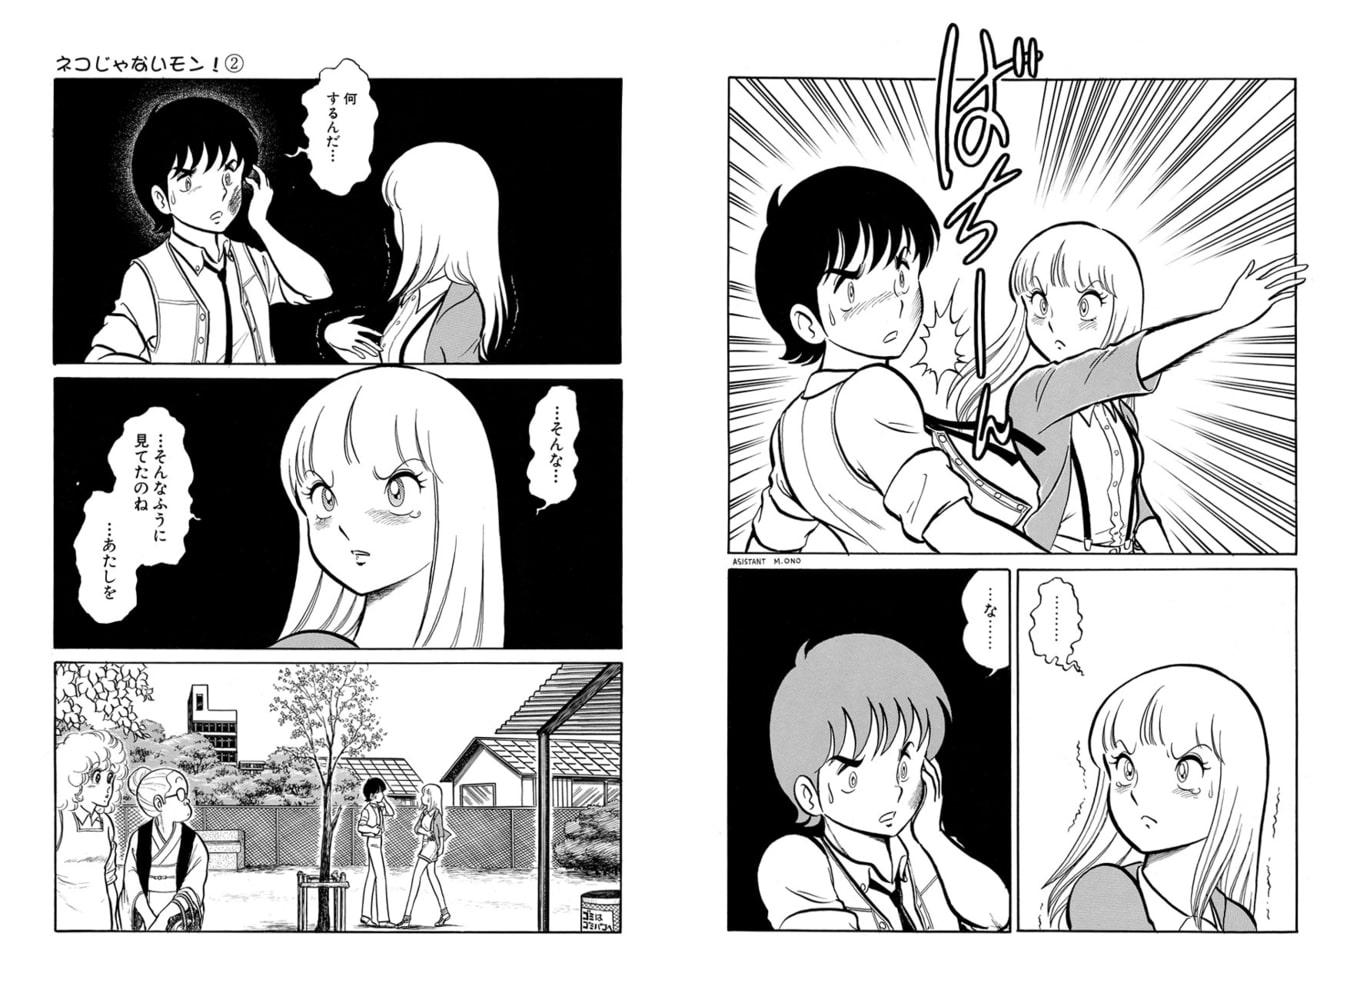 ネコじゃないモン! (2)